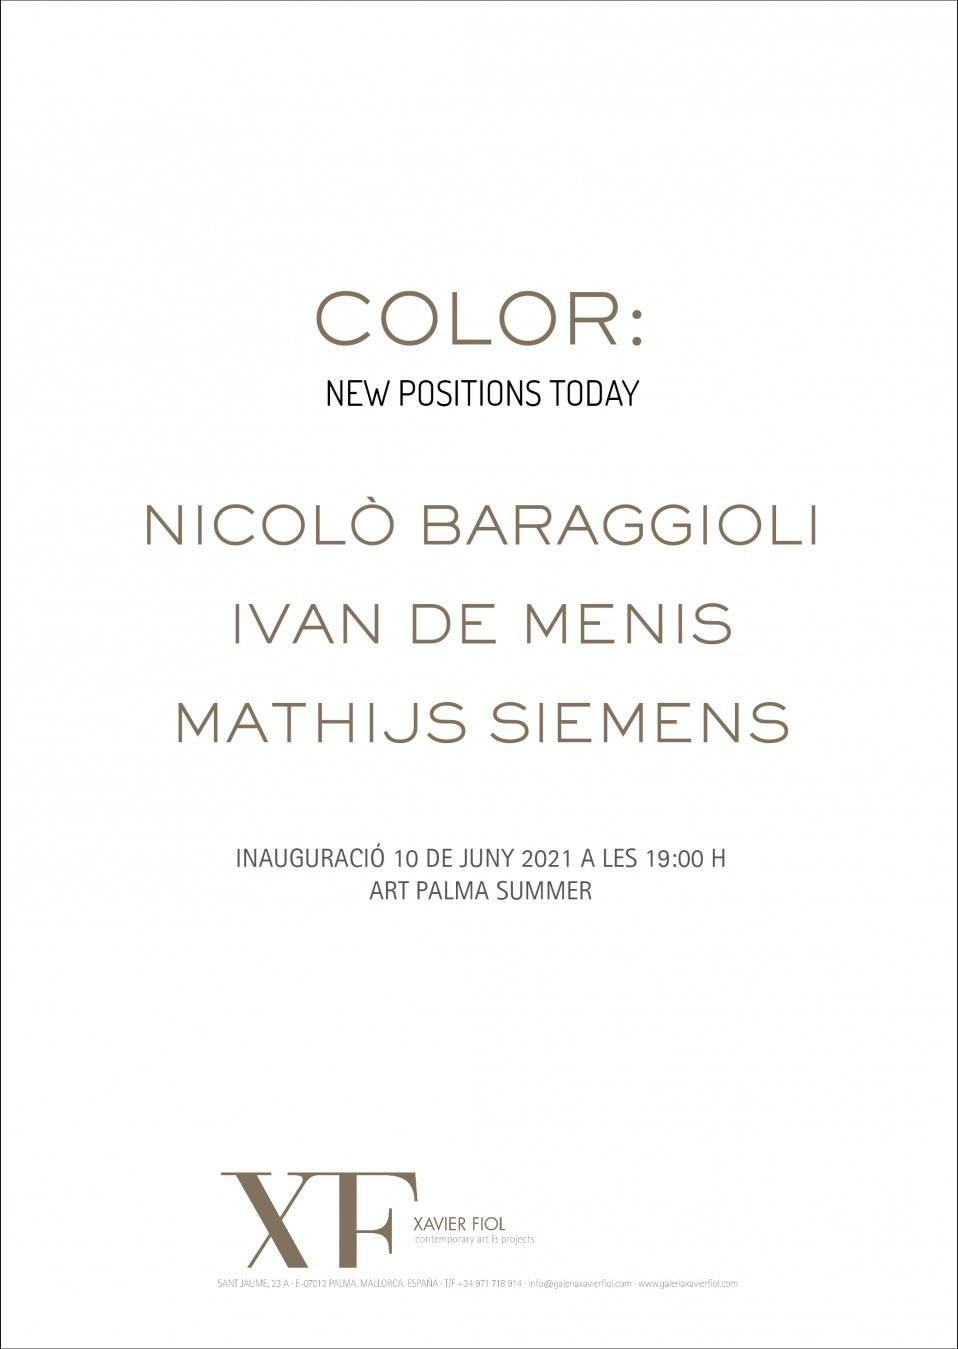 """Galería XF próxima exposición: """"COLOR"""" Nicolò Baraggioli · Ivan de Menis · Mathijs Siemens Art Palma Summer 2021"""